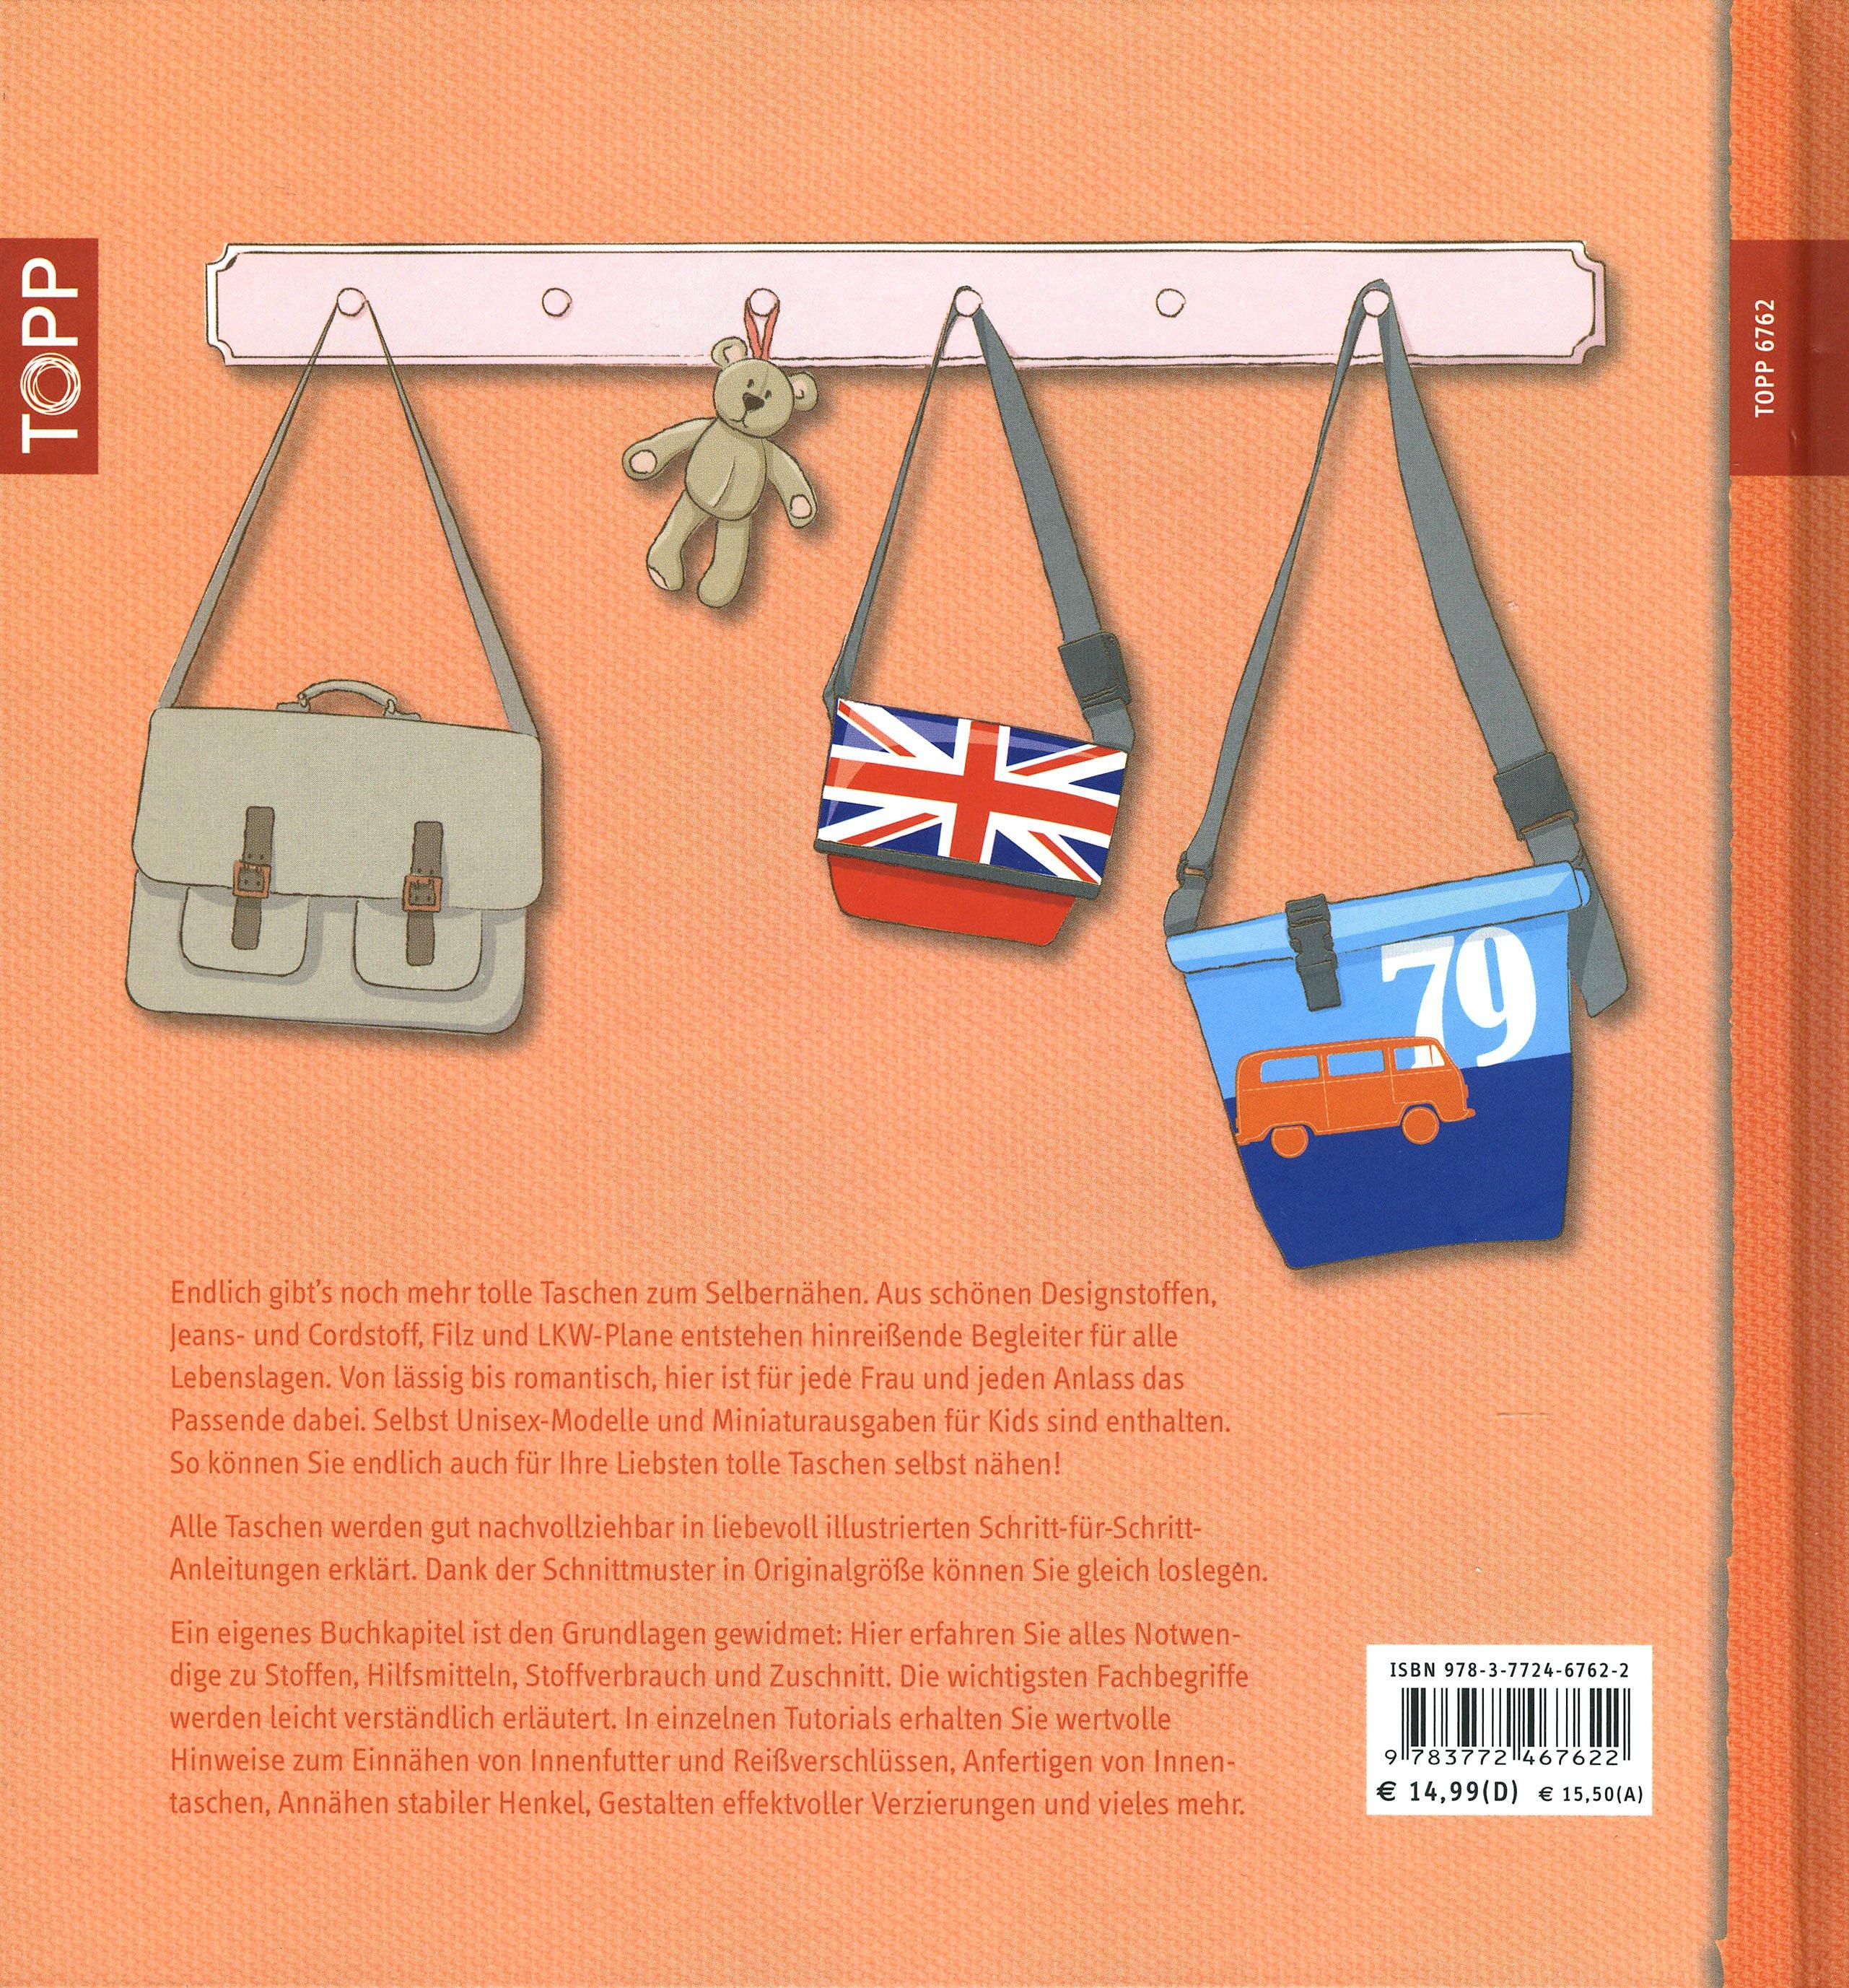 8968fd6804ed7 Noch mehr tolle Taschen selbst genäht Buch portofrei - Weltbild.de